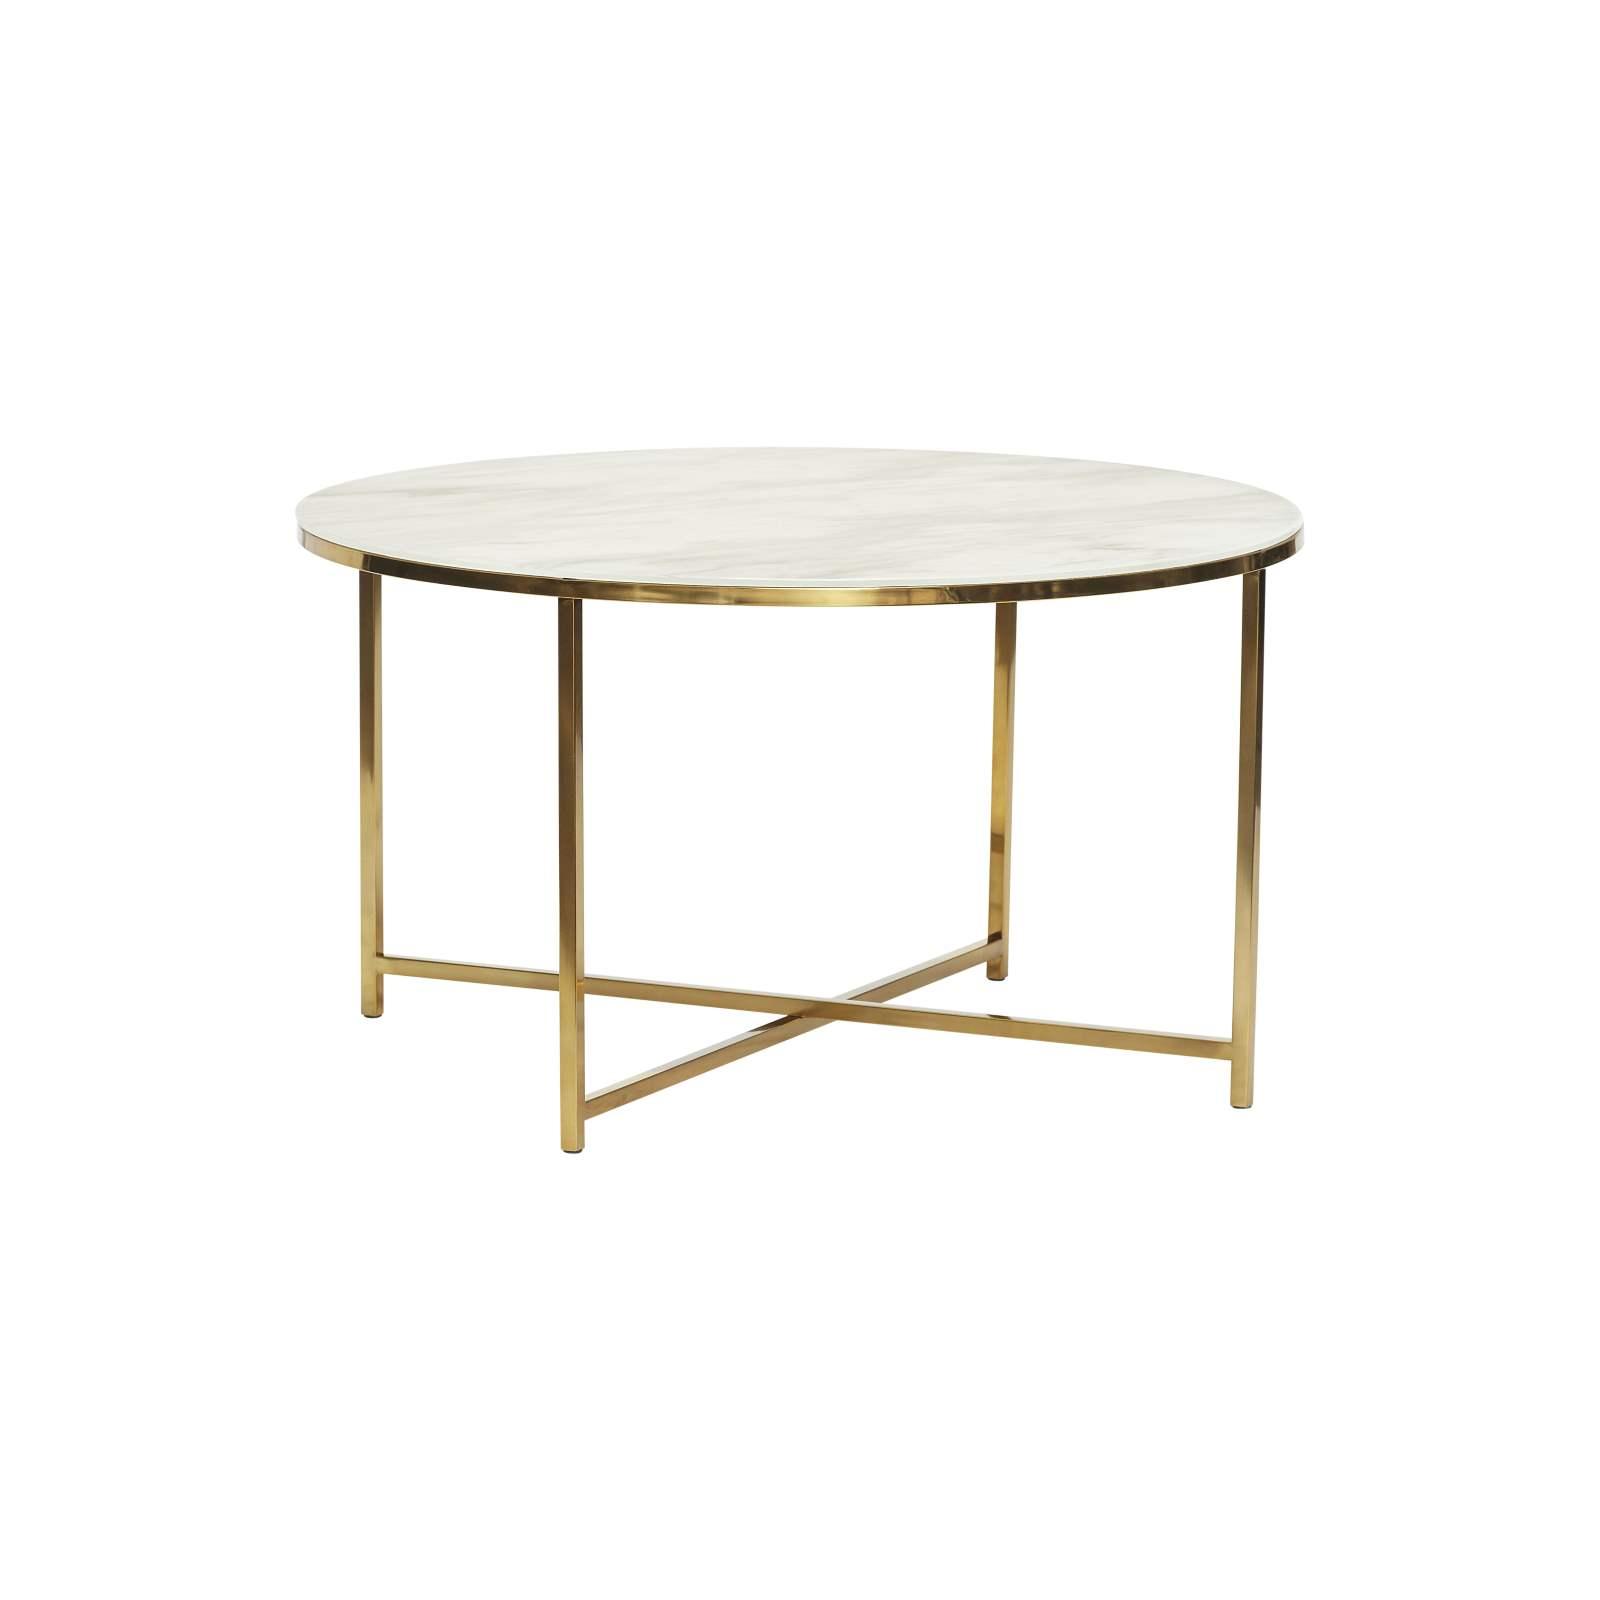 Runt soffbord vit marmorlook / guld, Hubsch thumbnail